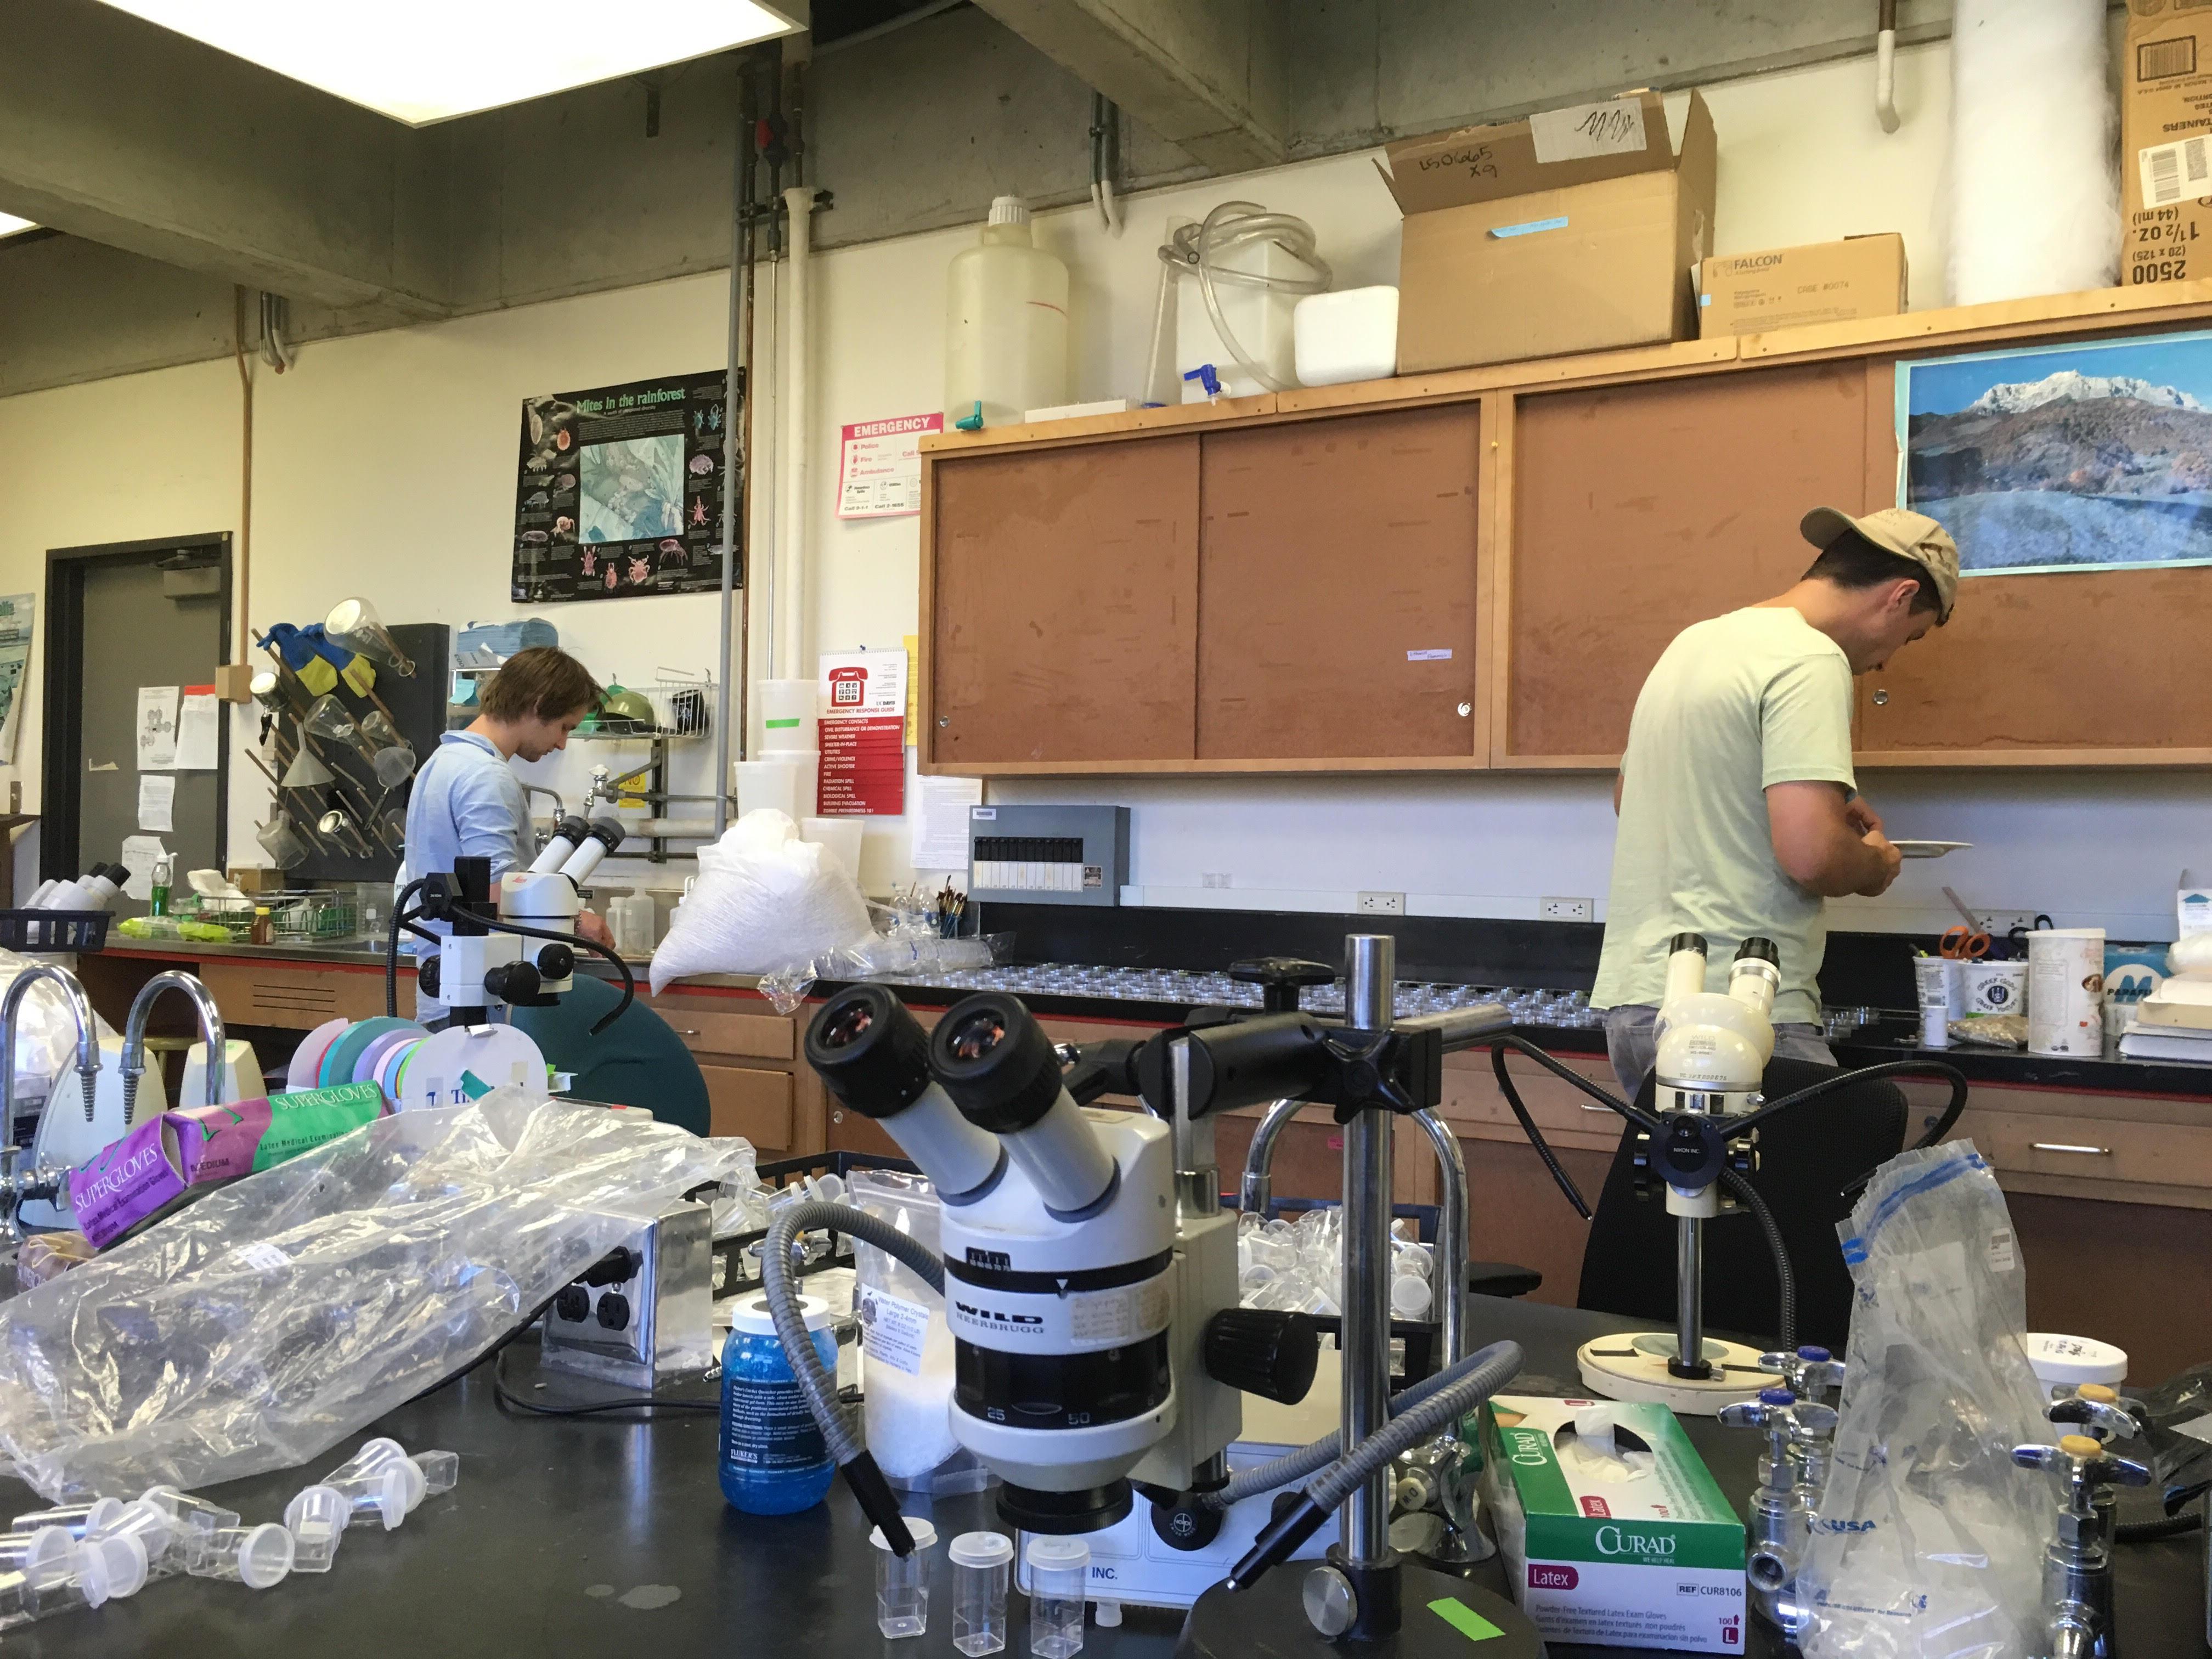 labwork